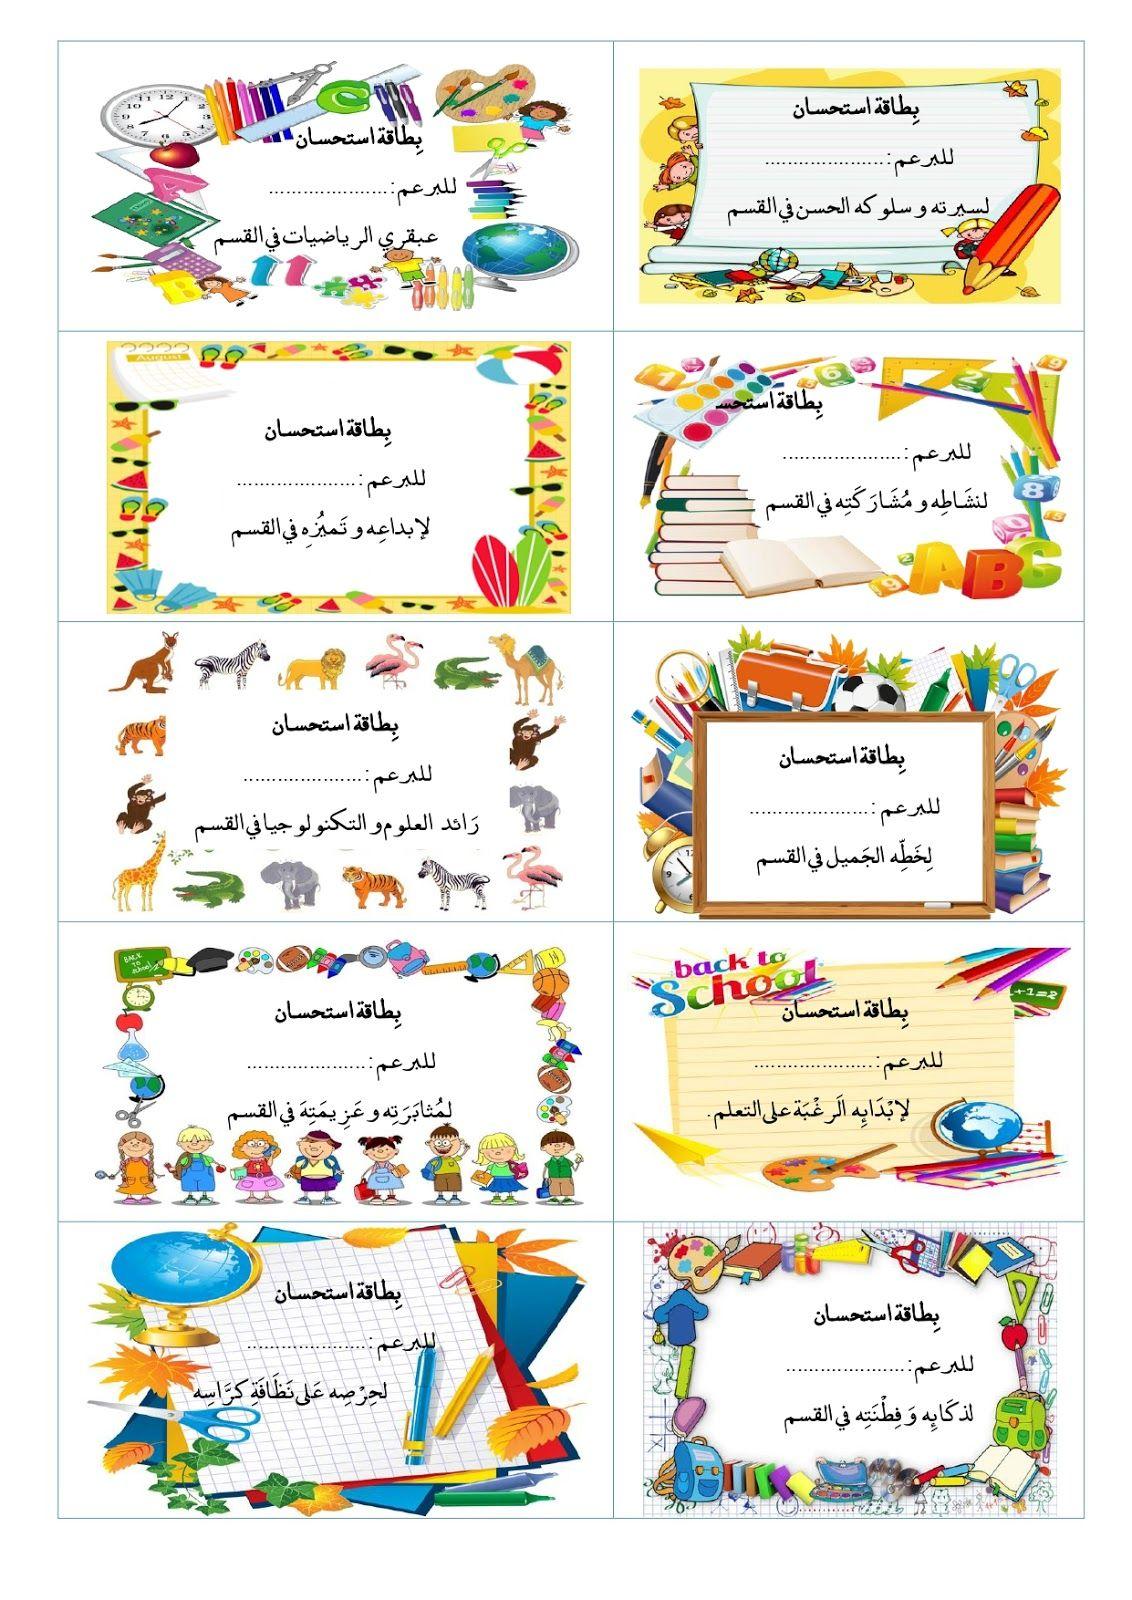 تحميل بطاقات استحسان وتشجيع للتلاميذ جاهزة للطباعة Islamic Books For Kids School Board Decoration School Crafts